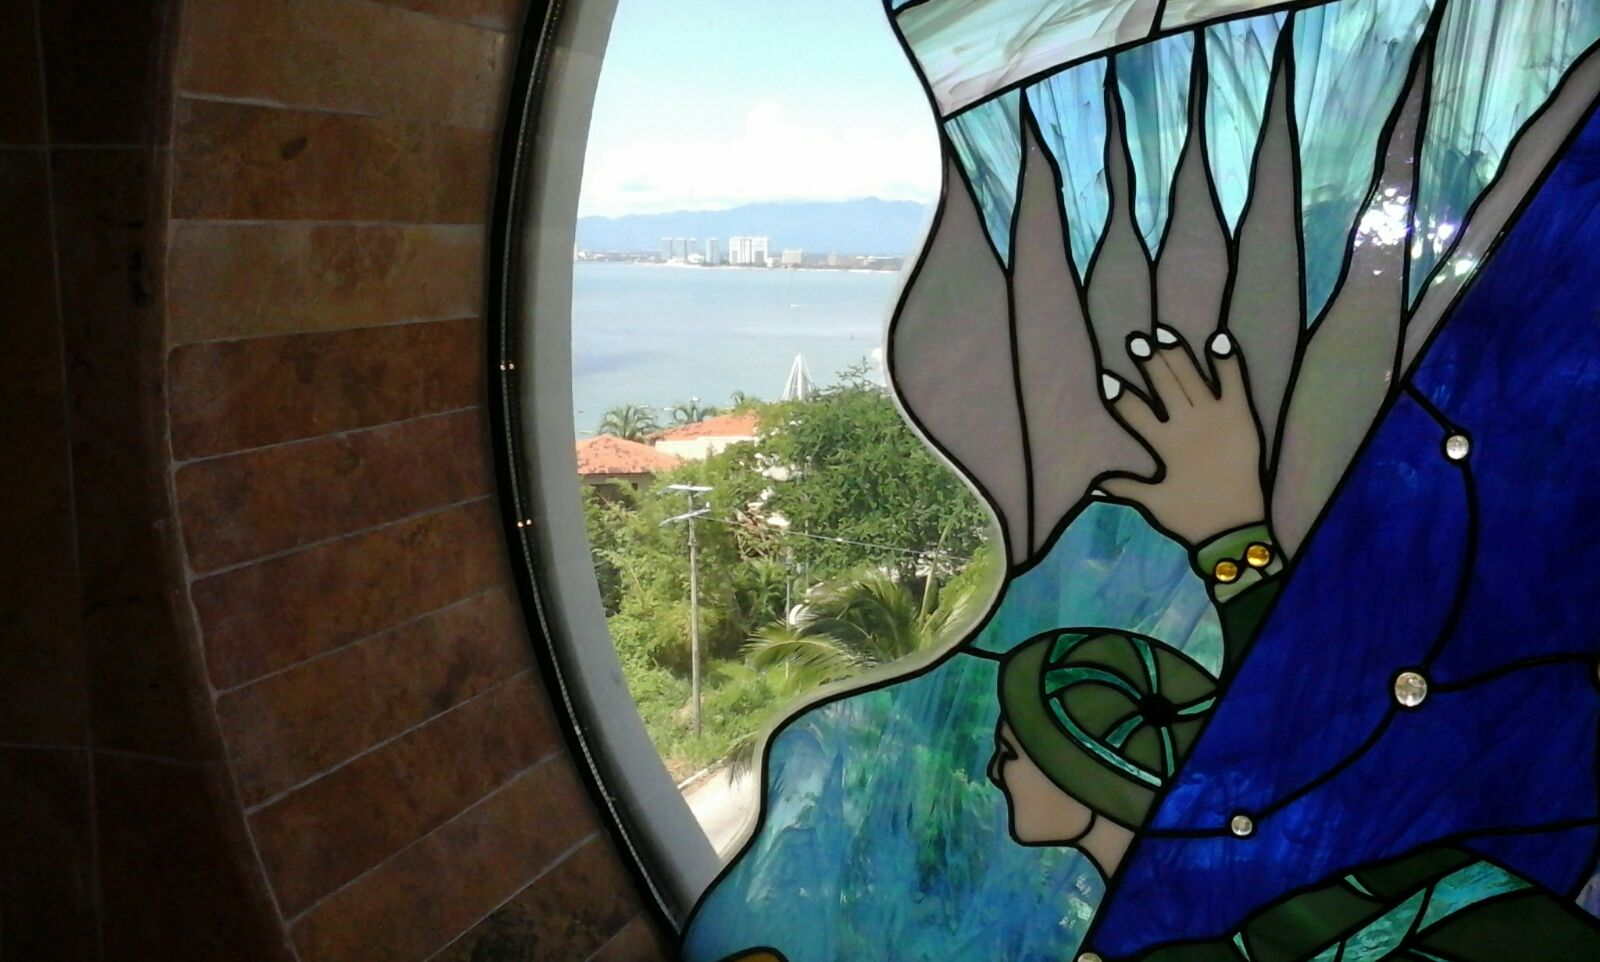 vitrales-puerto-vallarta..